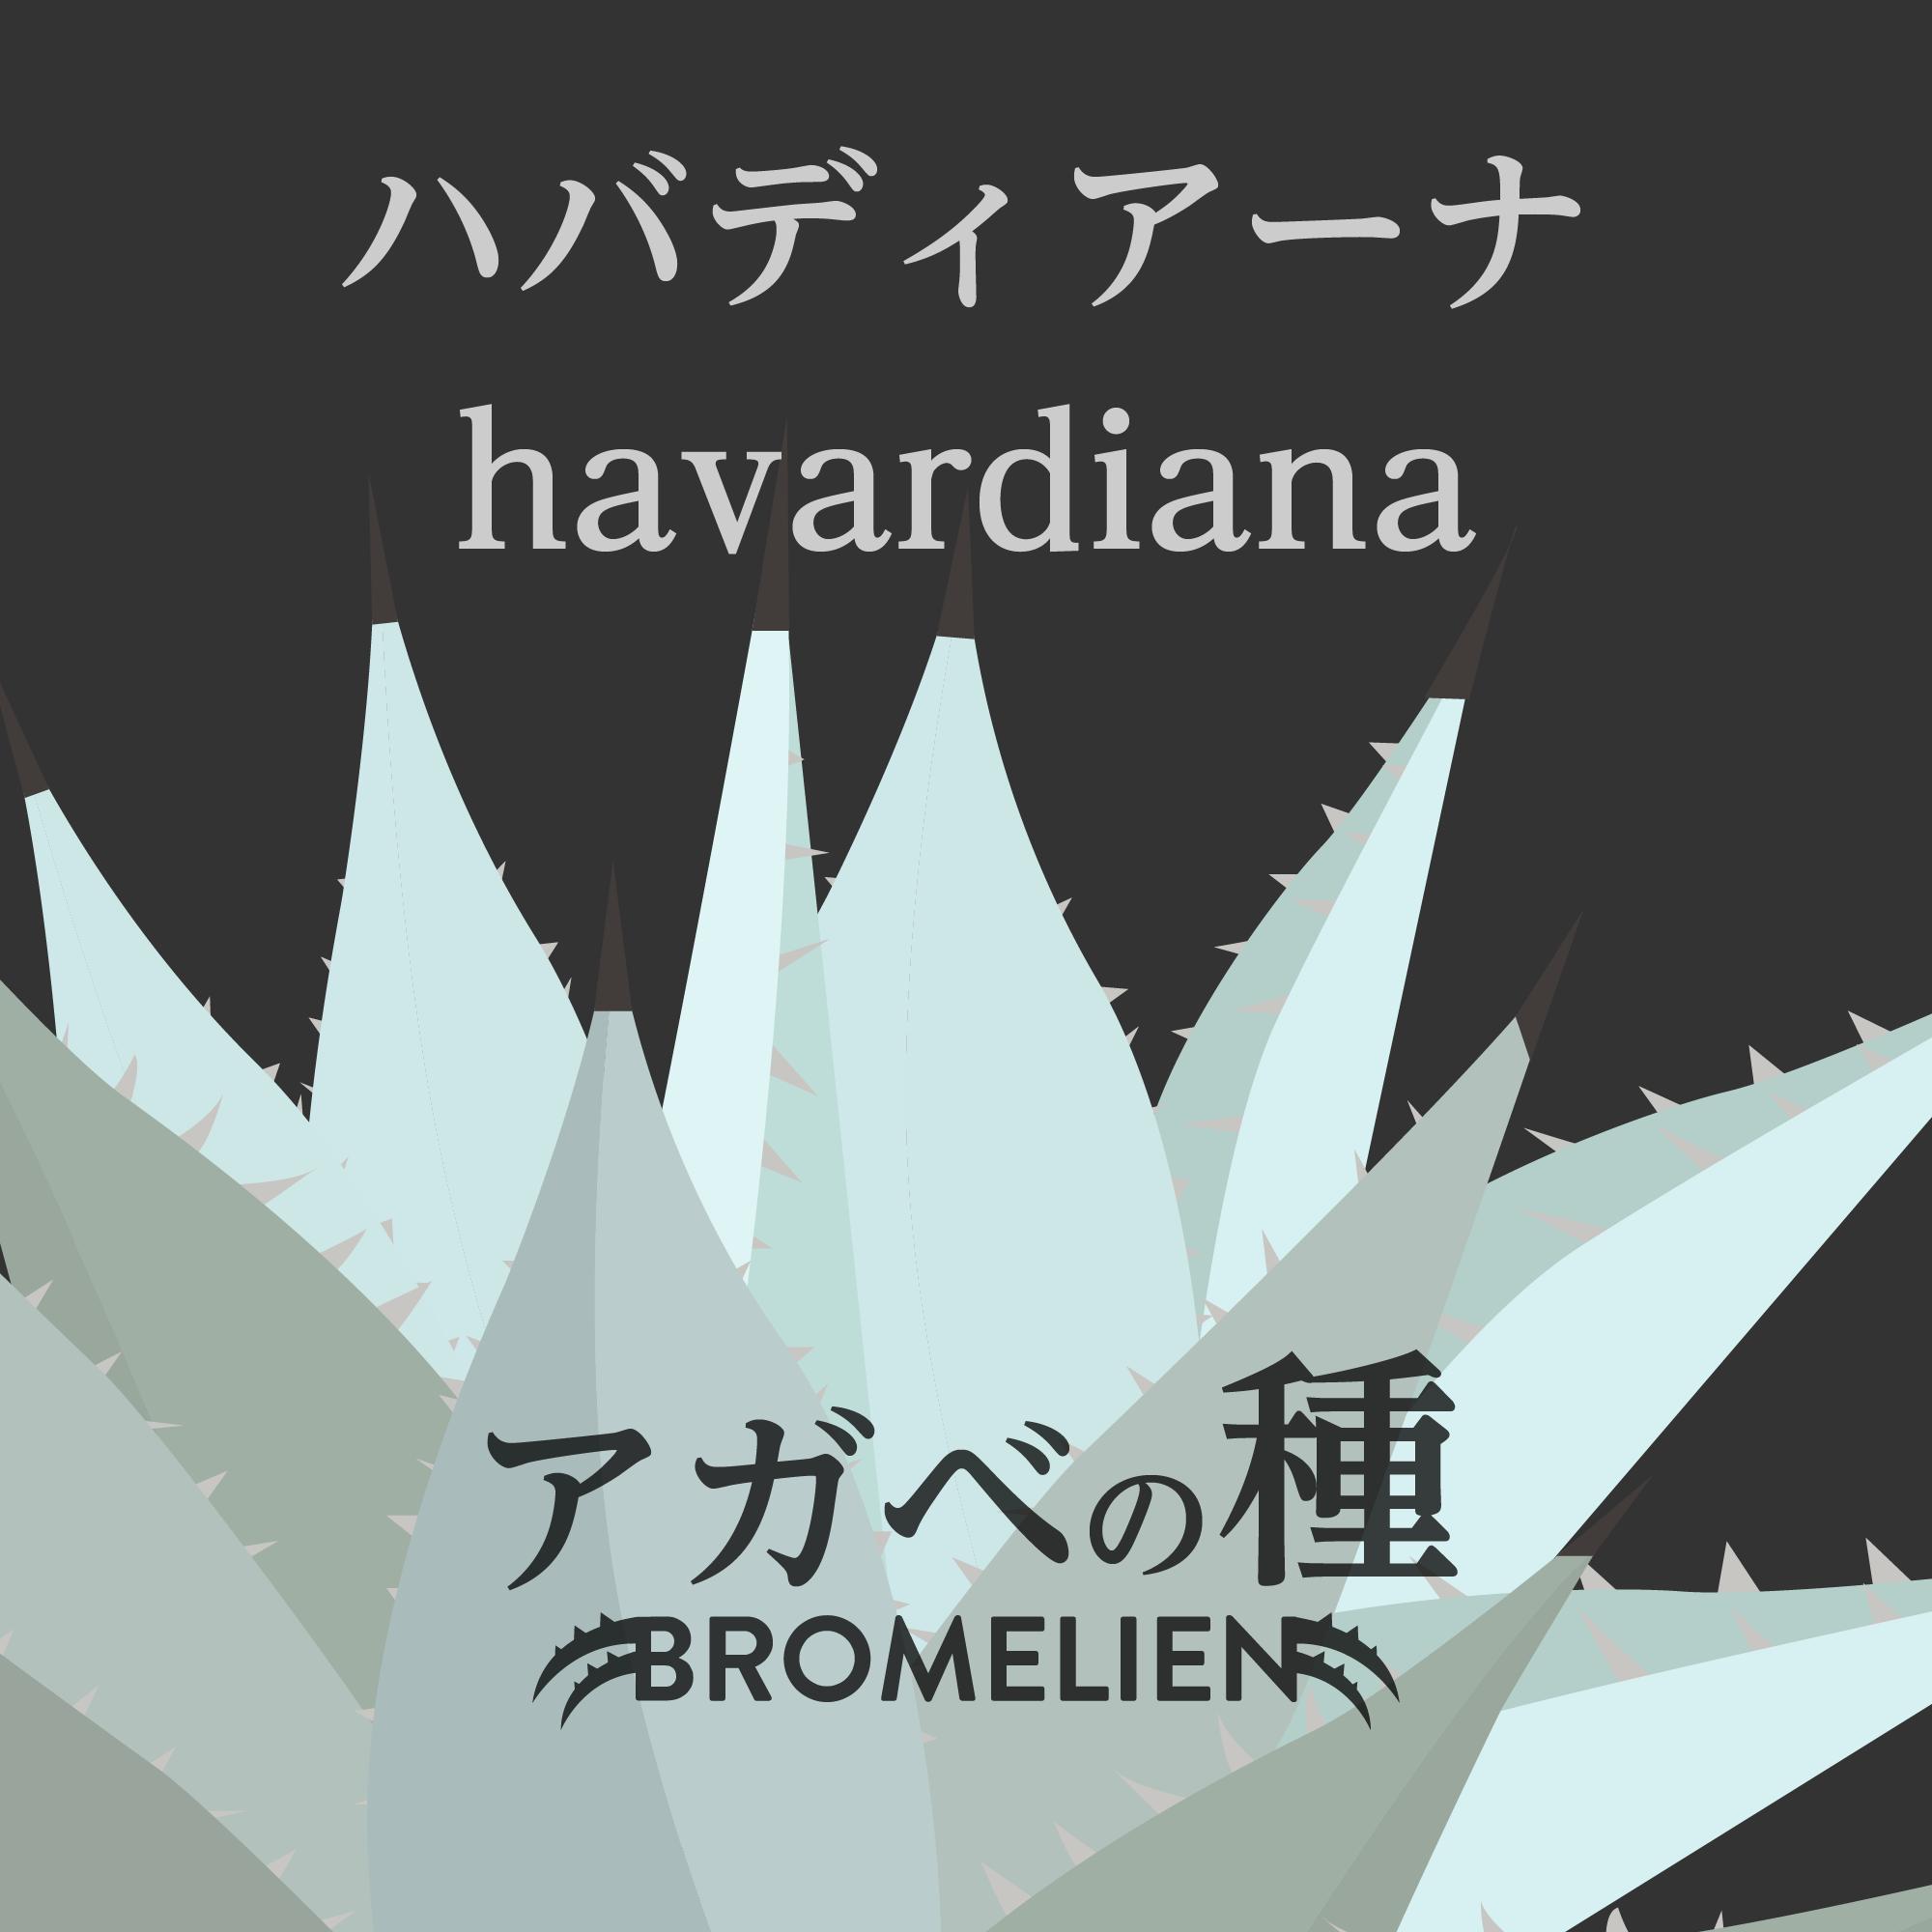 アガベの種 havardiana ハバディアーナ 20個